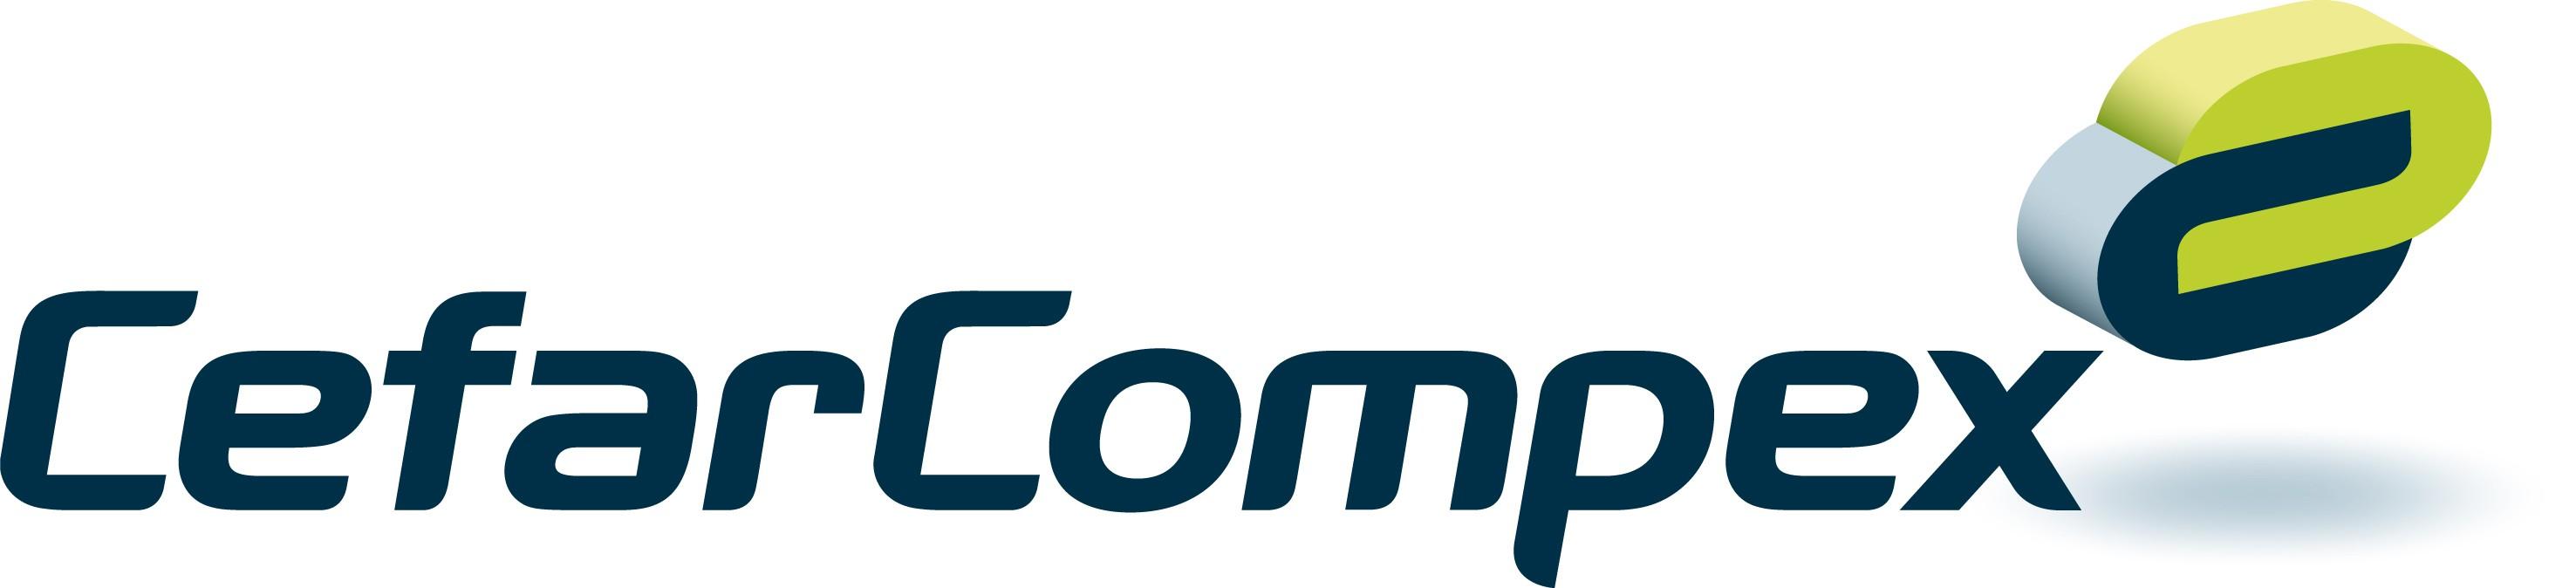 CéfarCompex